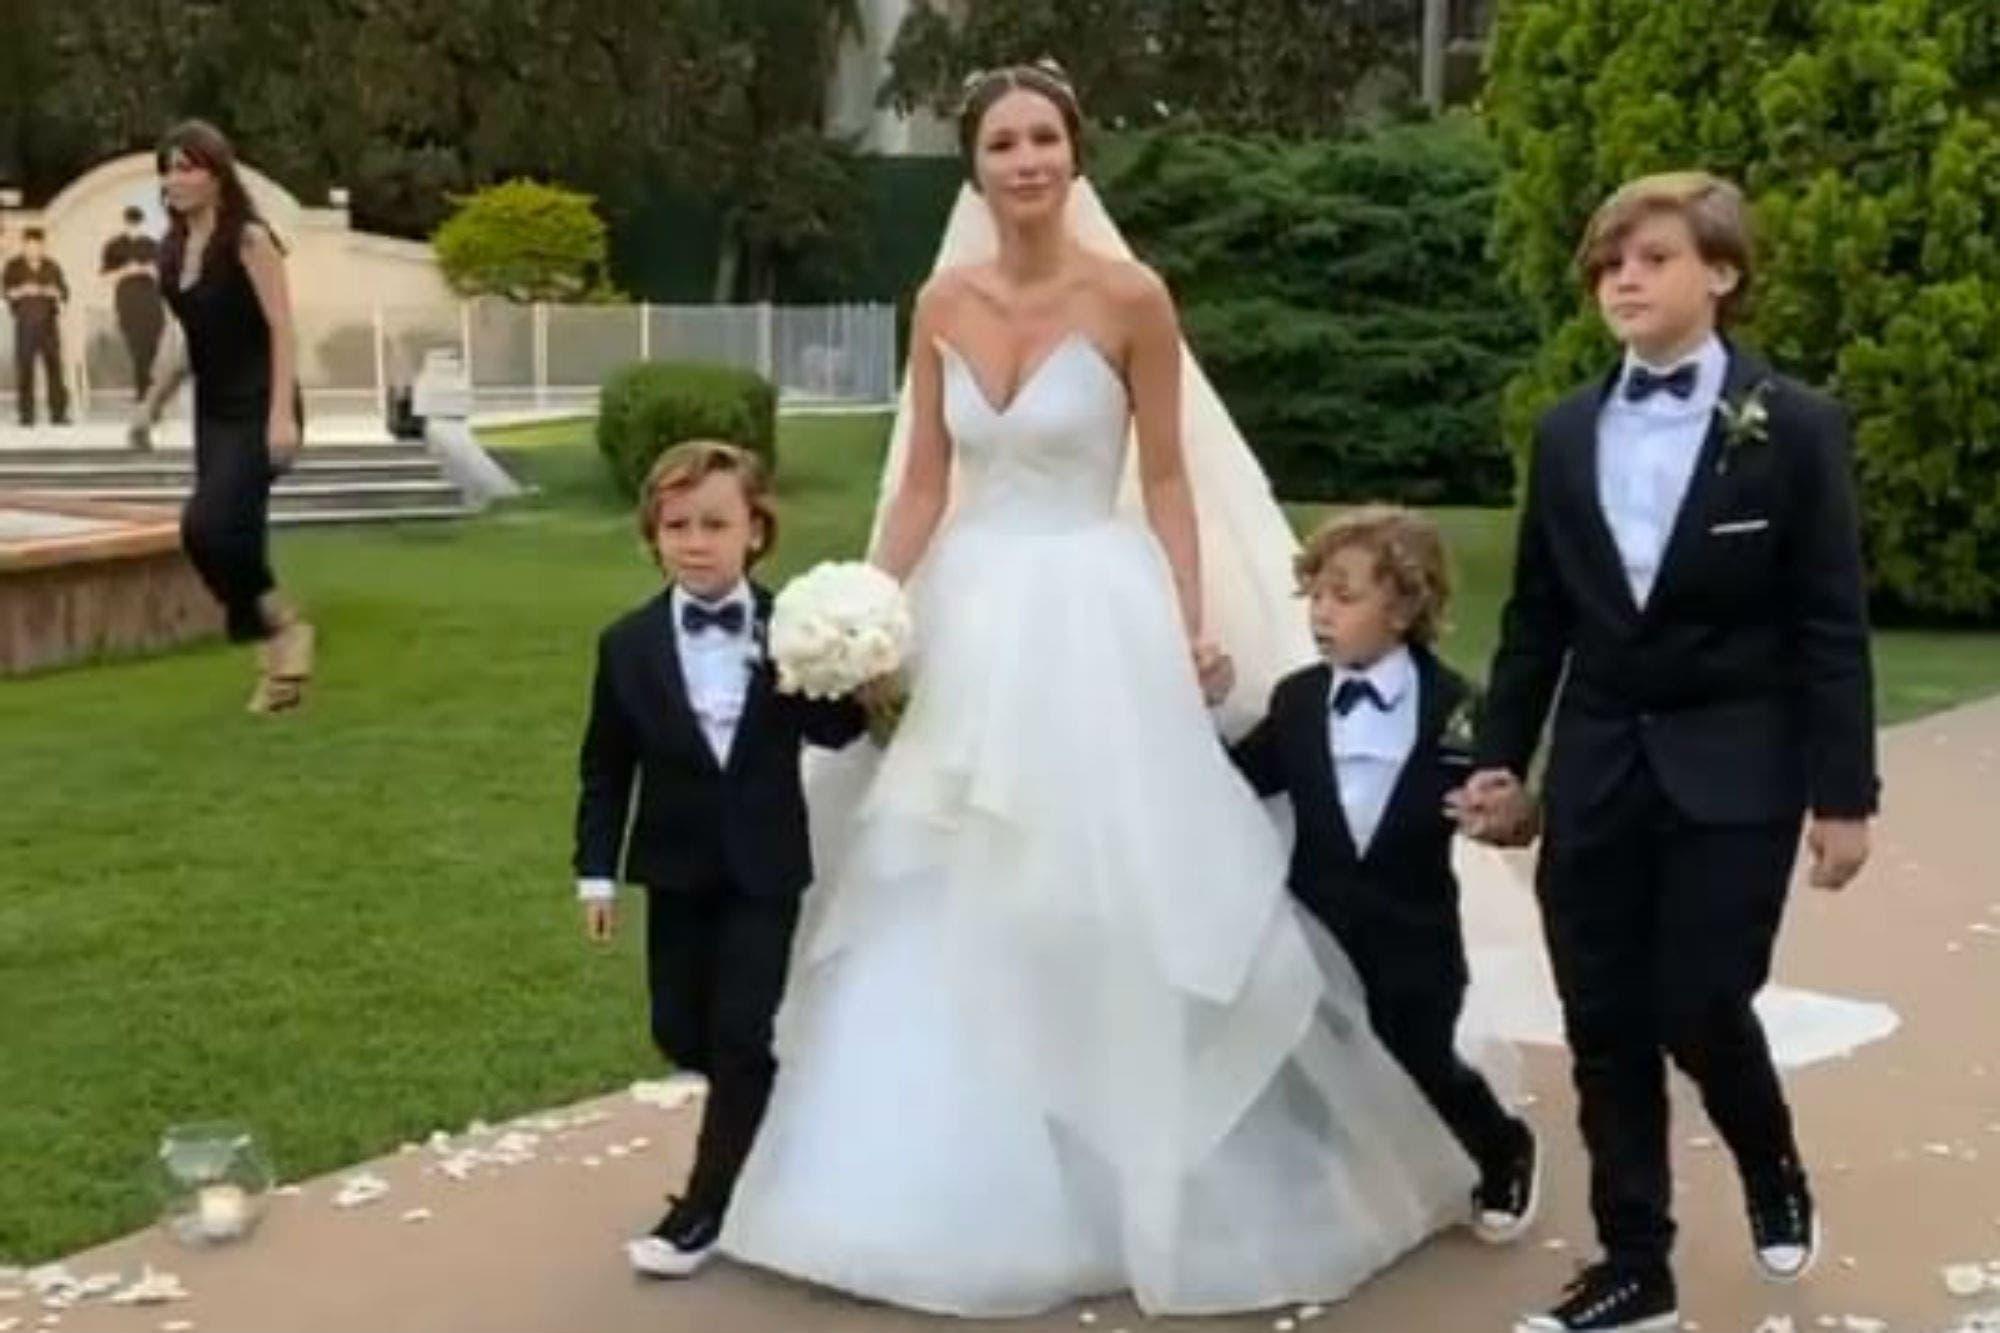 El casamiento de Pampita: así es el vestido elegido por la novia